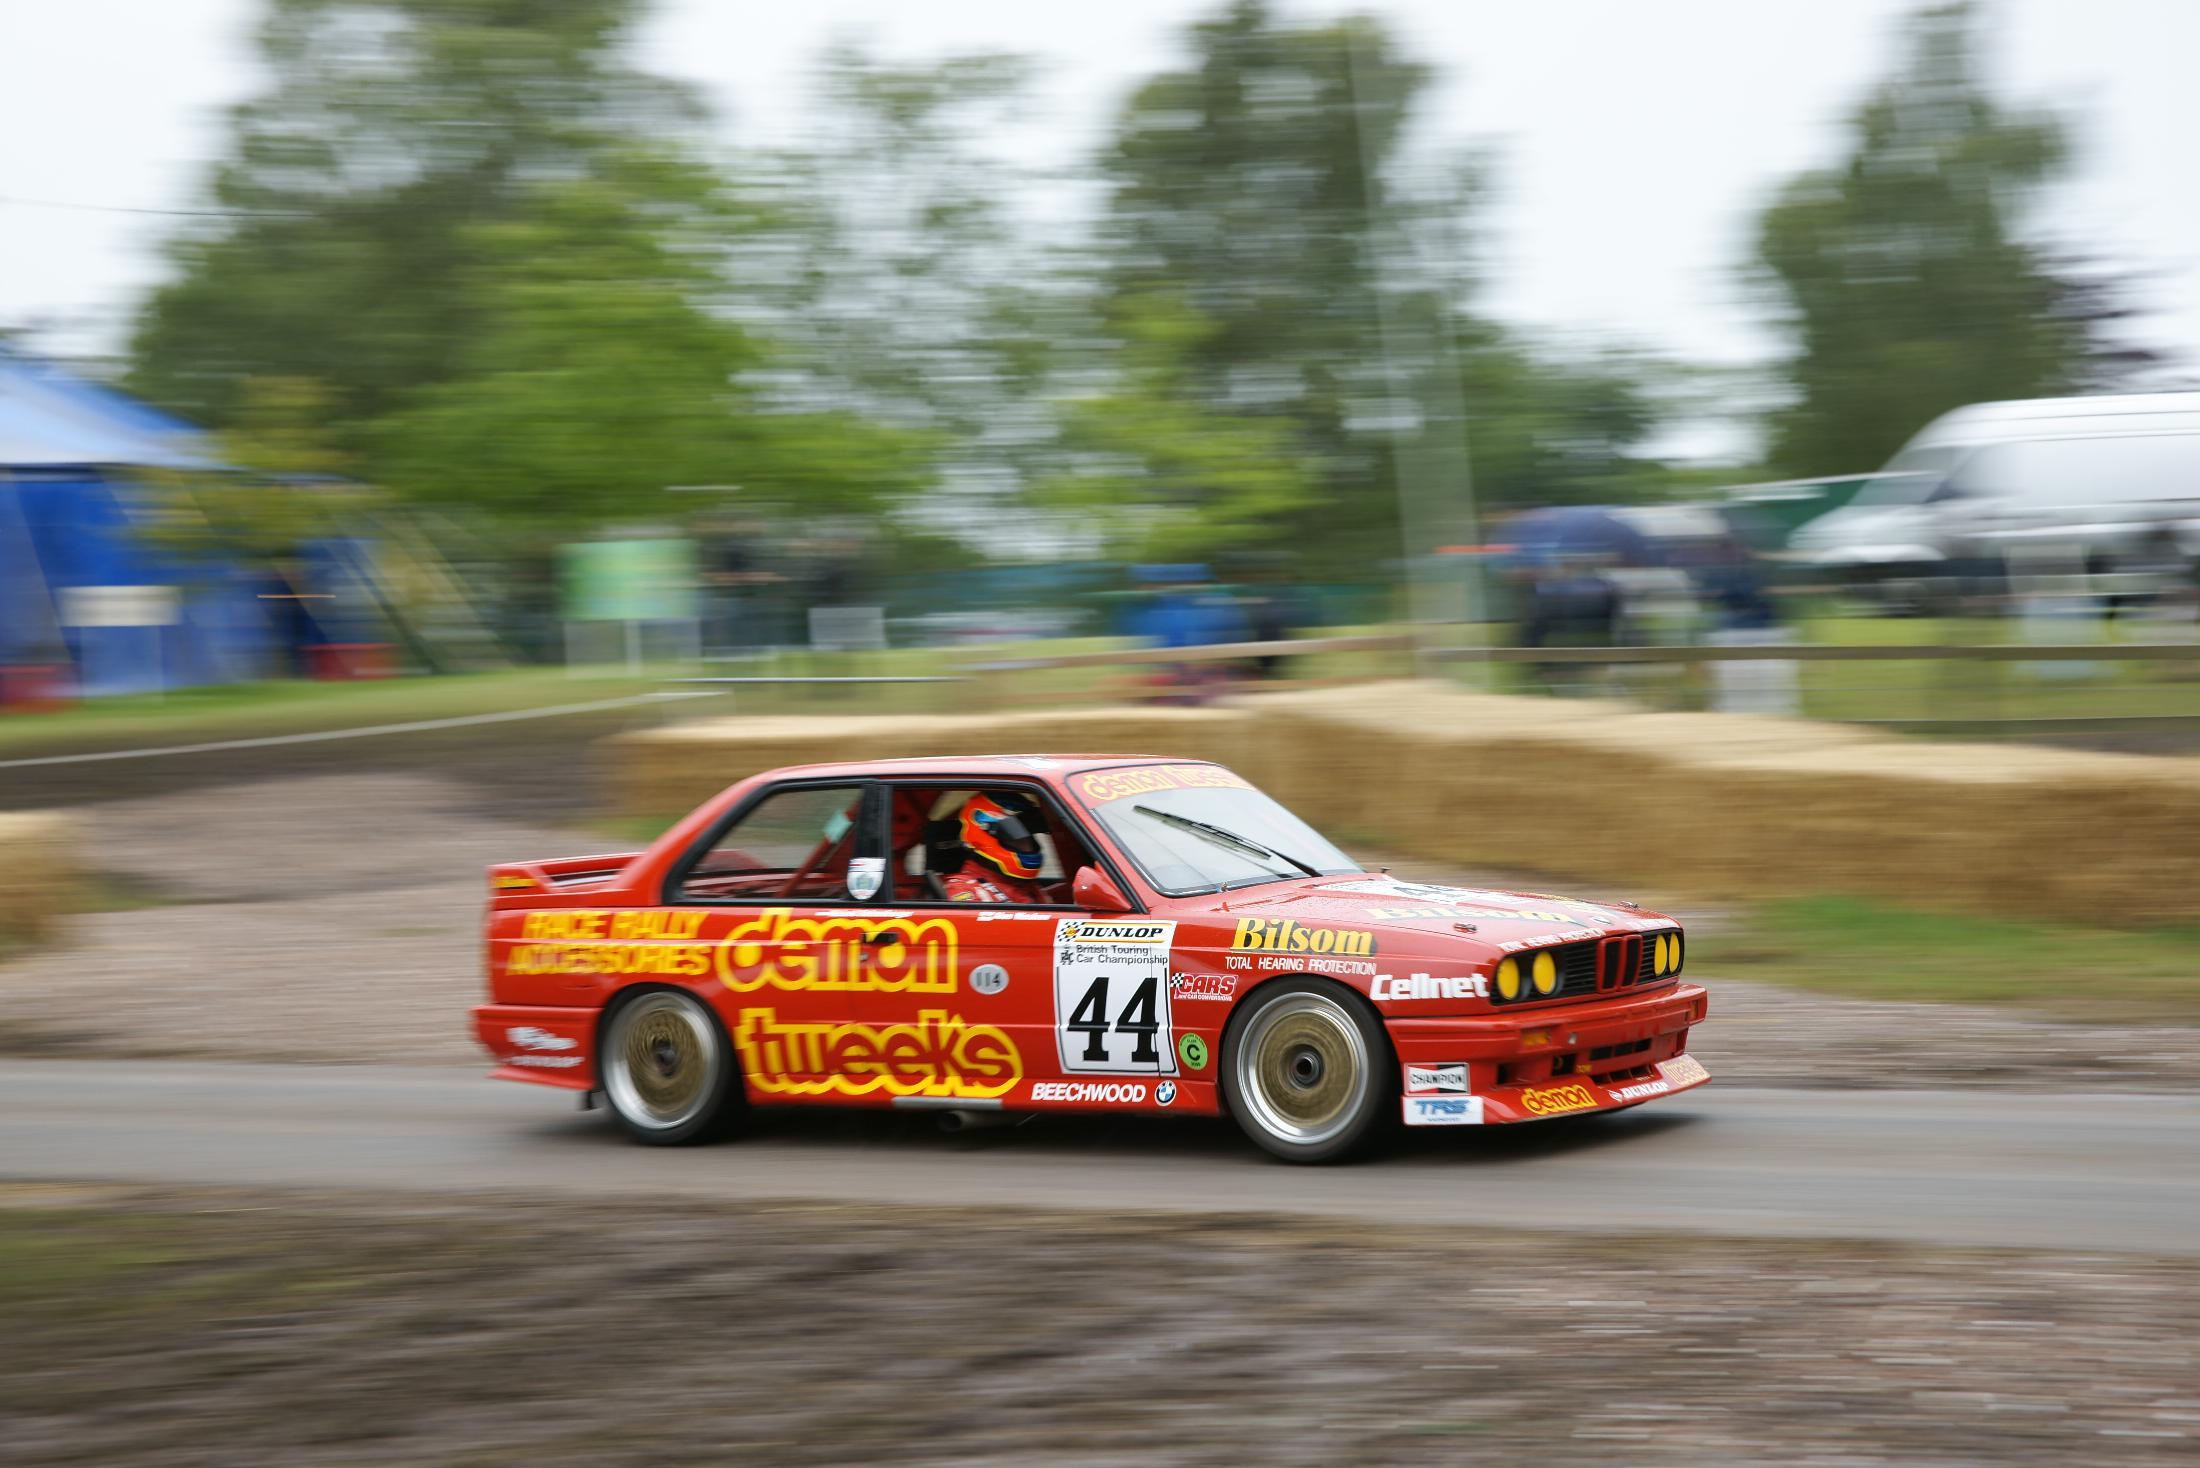 BMW M3 Touring Car